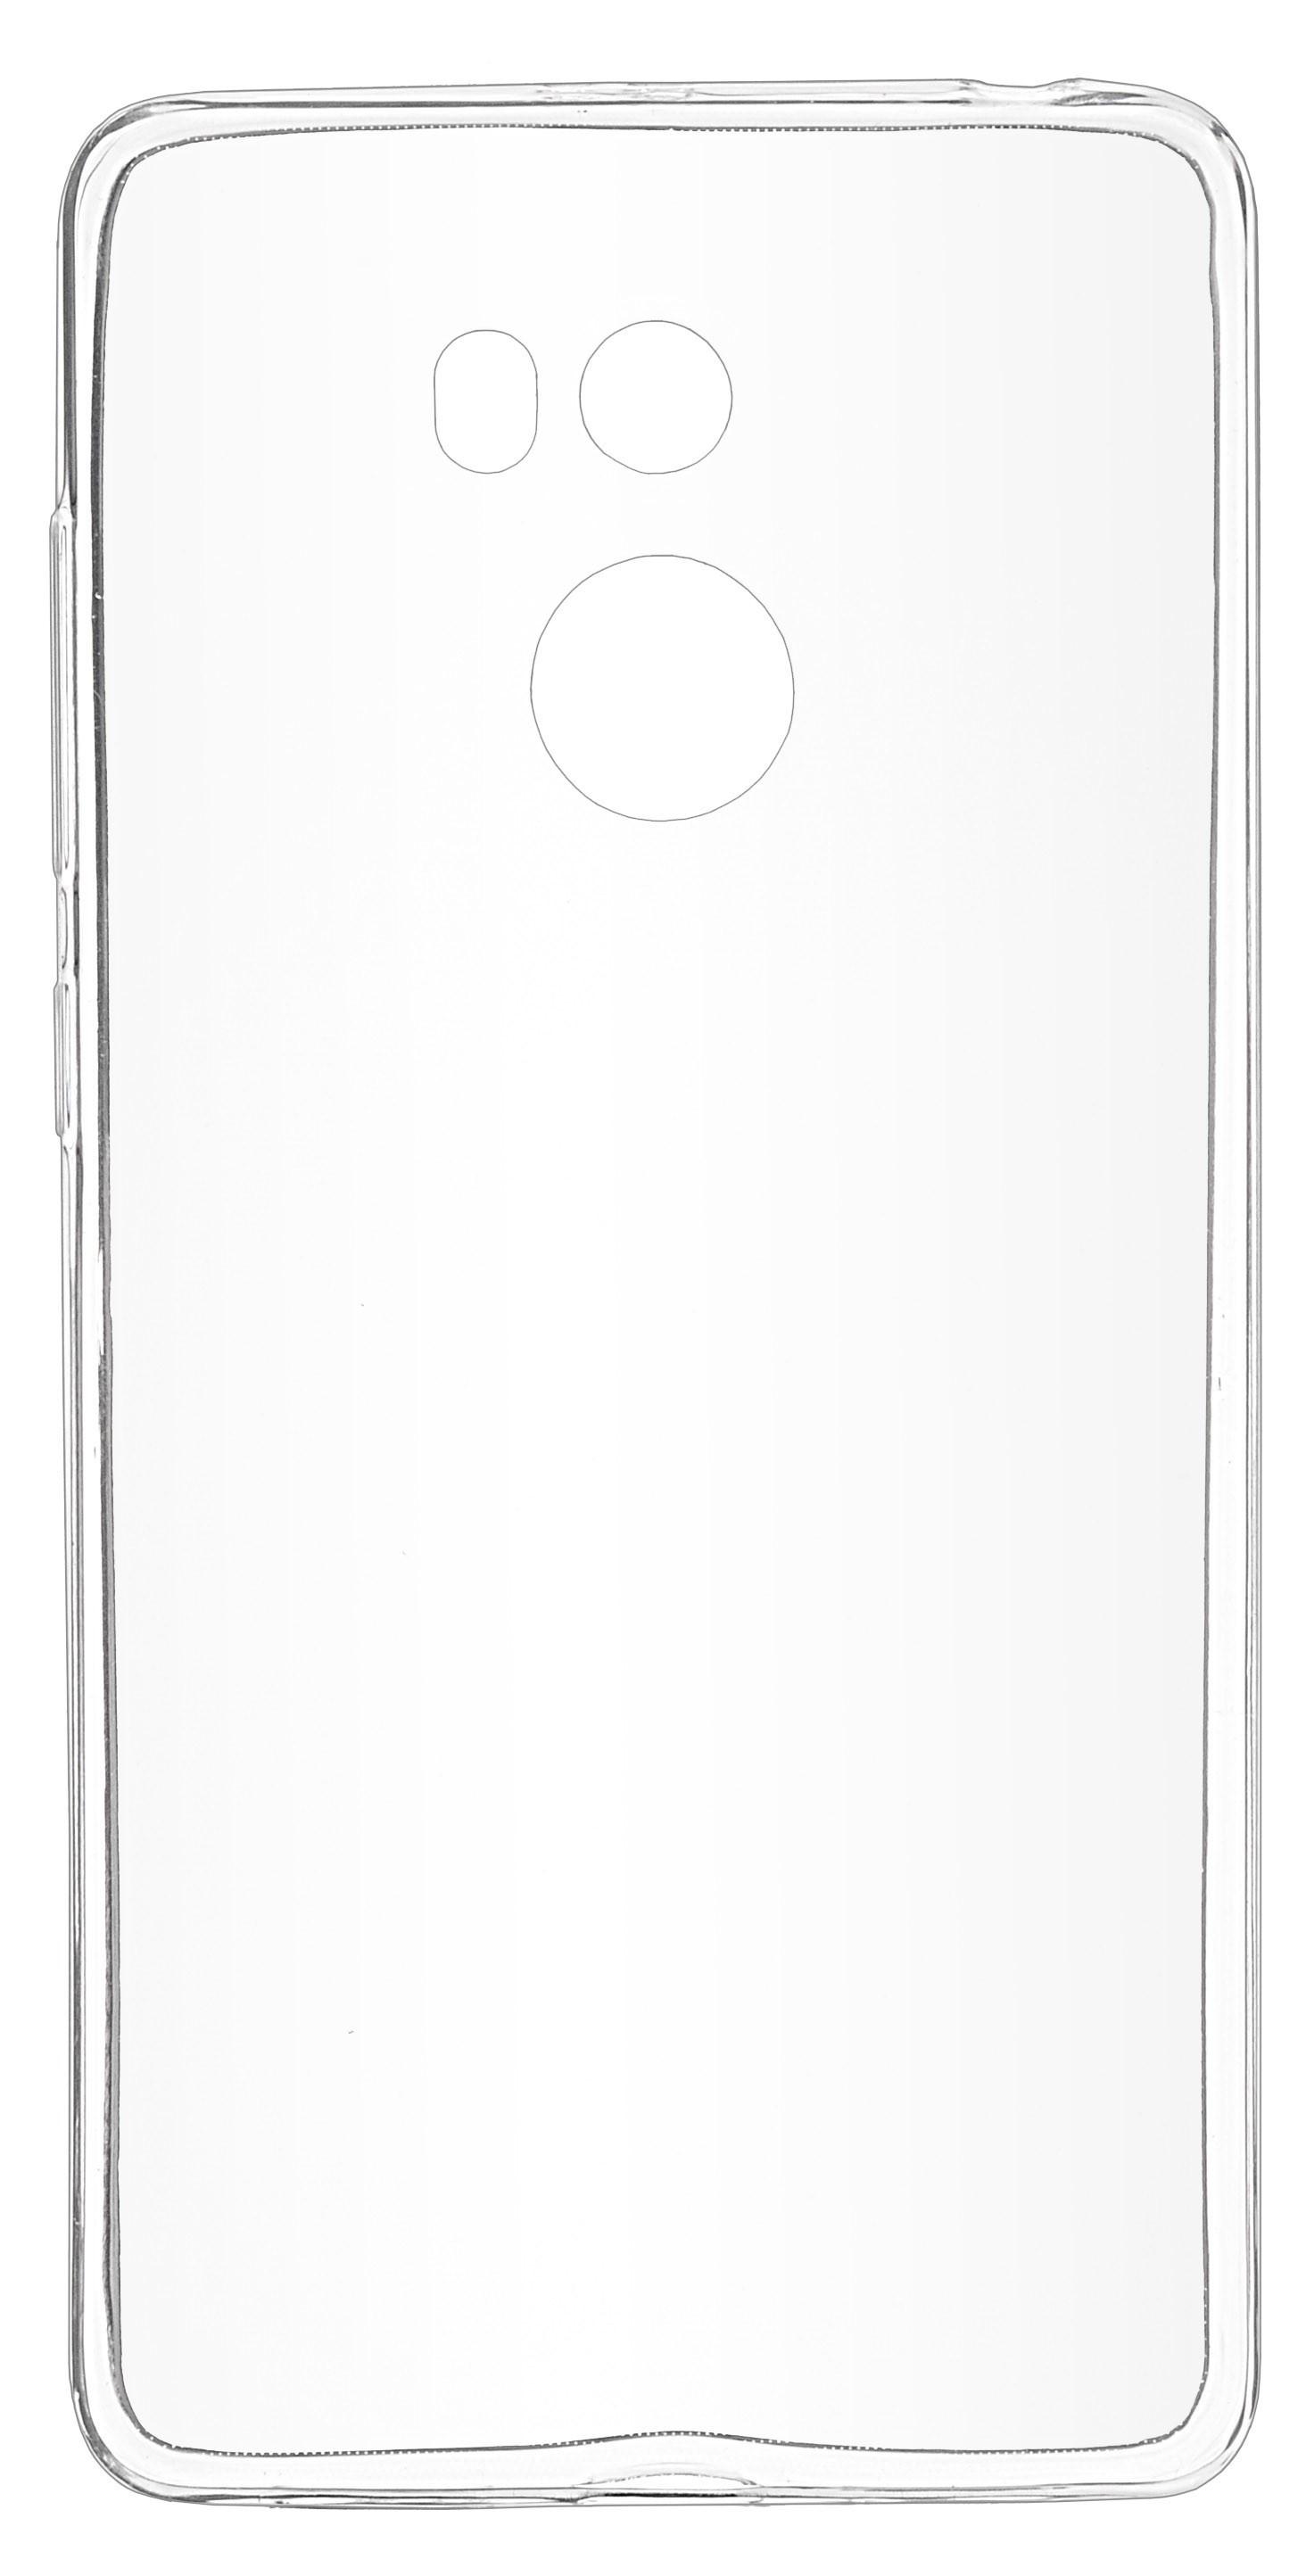 Чехол для сотового телефона skinBOX Slim Silicone, 4660041408195, прозрачный